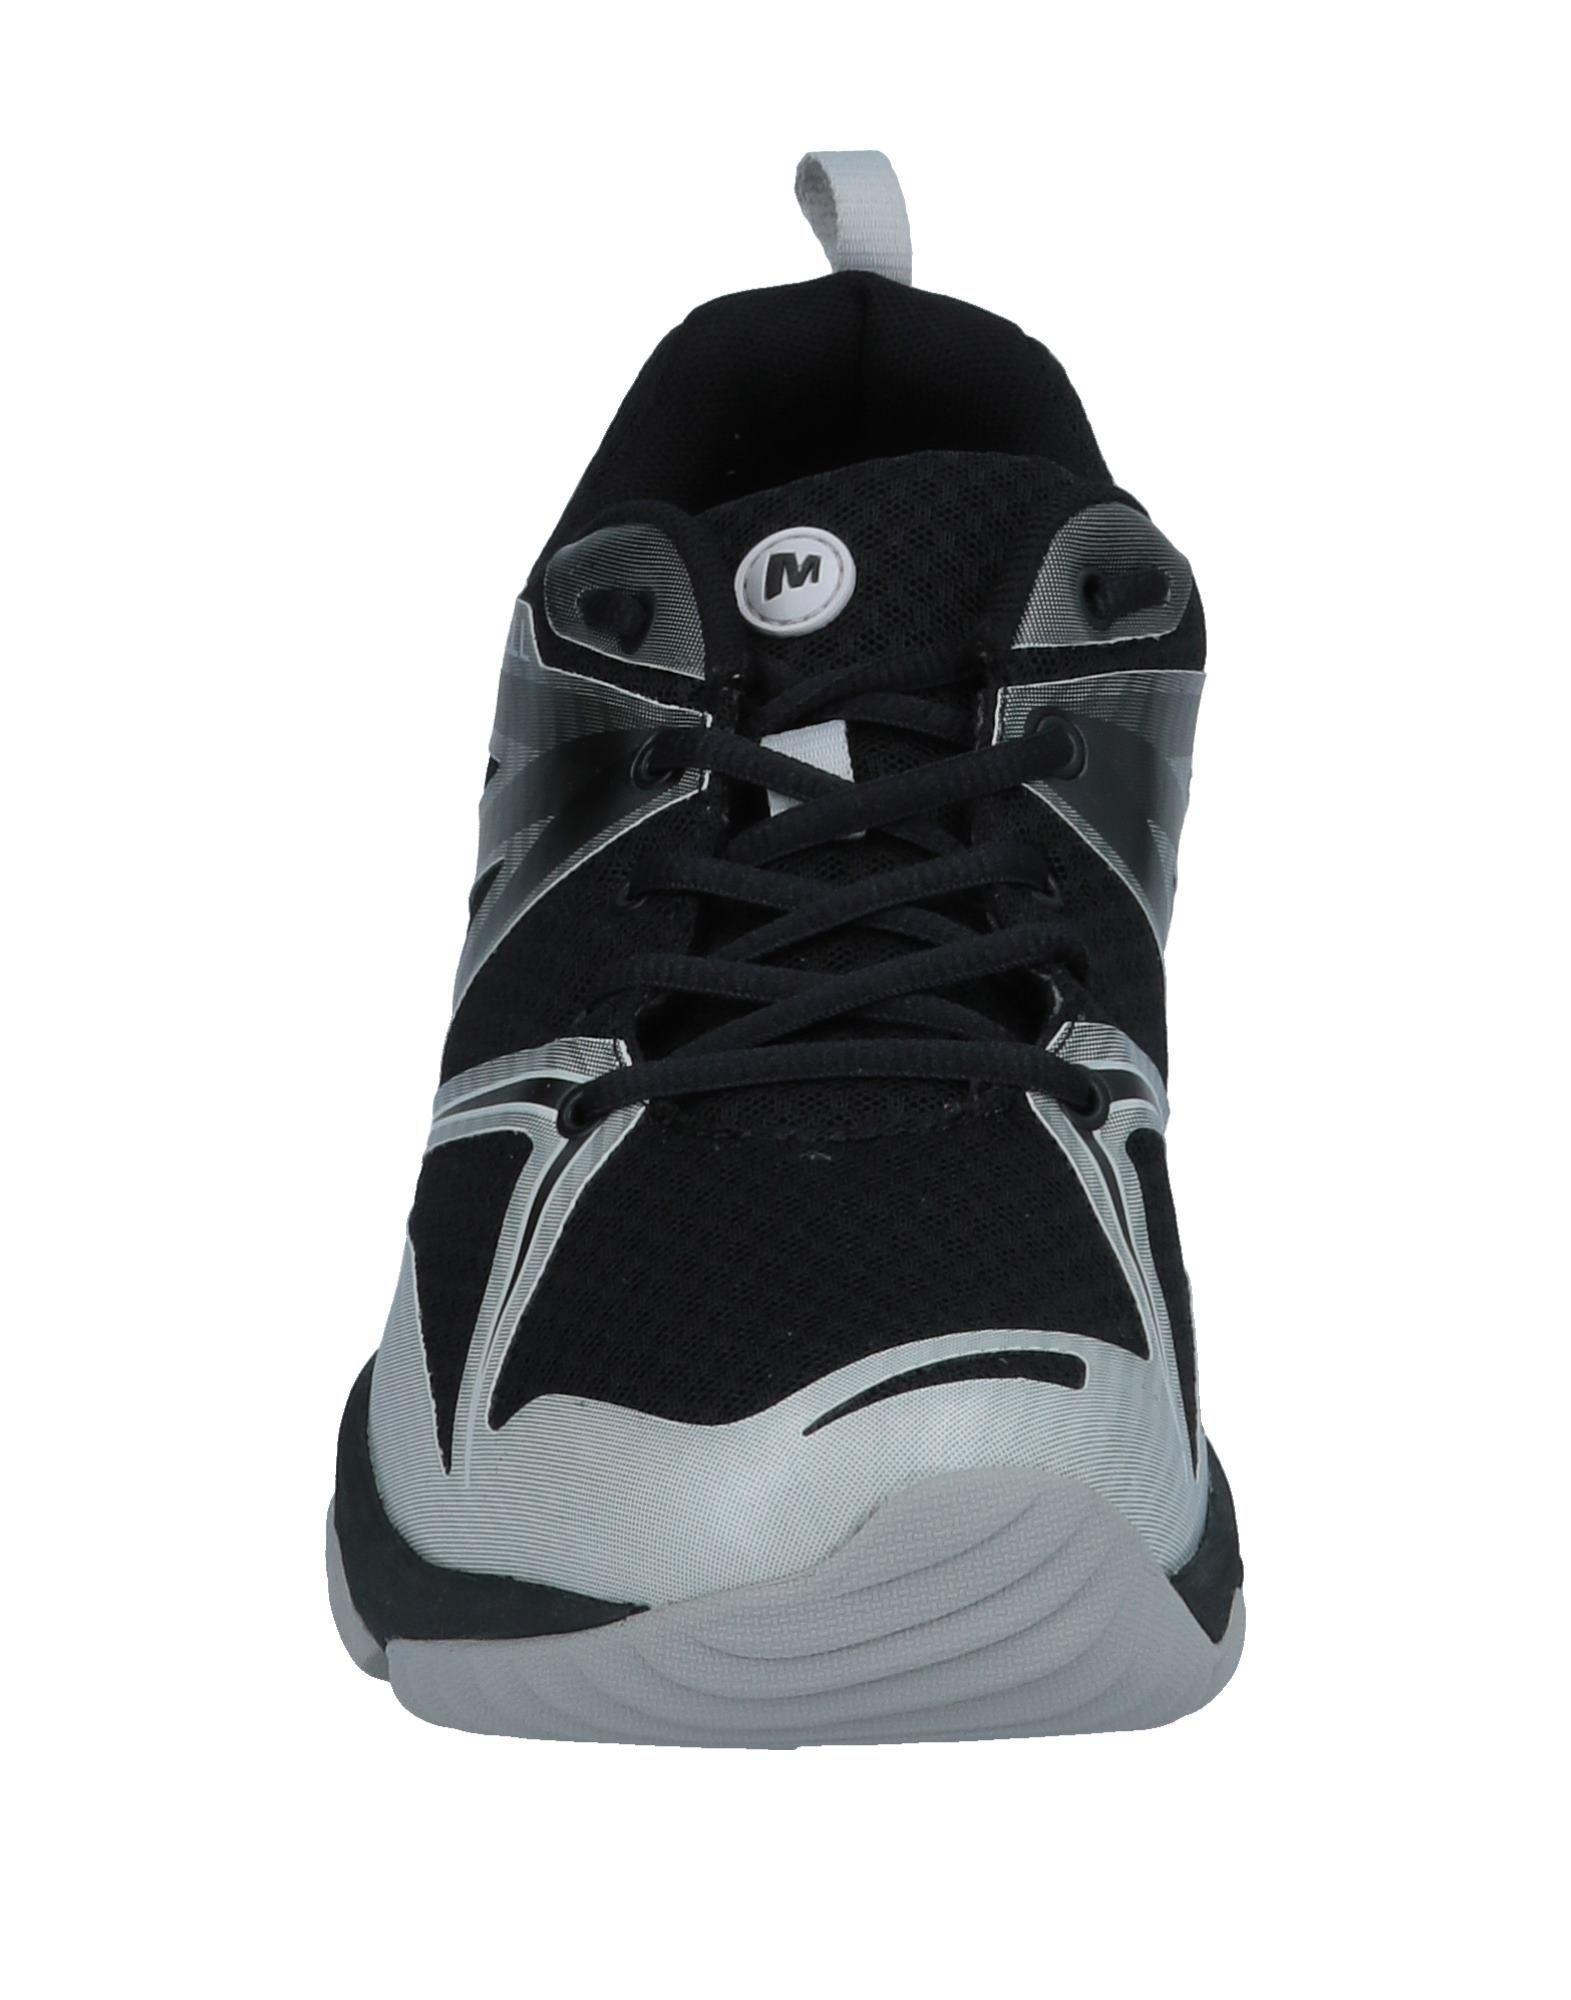 Merrell Merrell Merrell Sneakers - Men Merrell Sneakers online on  United Kingdom - 11581860IB b8f62f